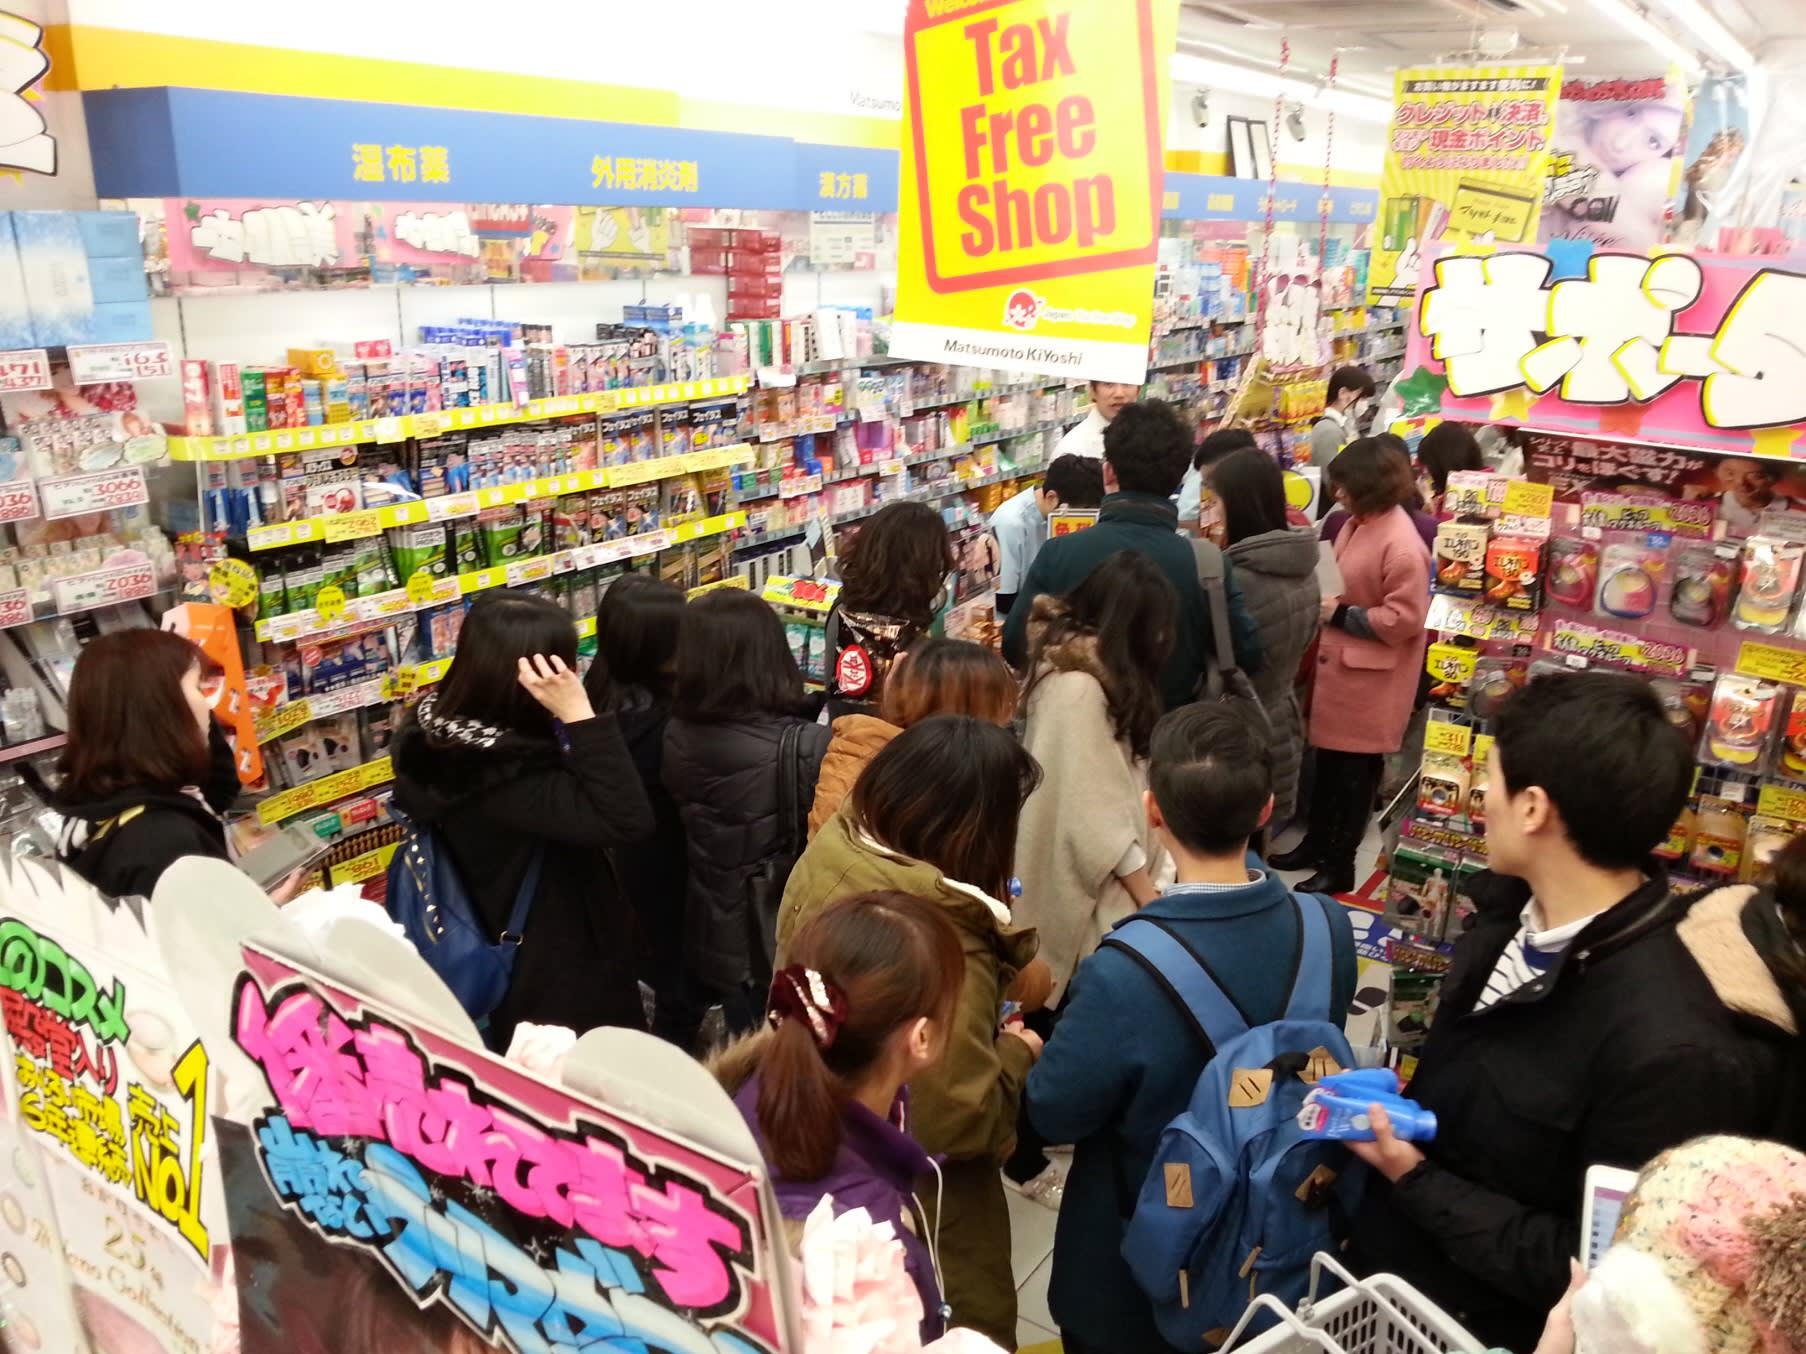 大部分店家都有負責退稅的櫃台,可以直接辦理退稅,很方便。 來源:https://asia.nikkei.com/